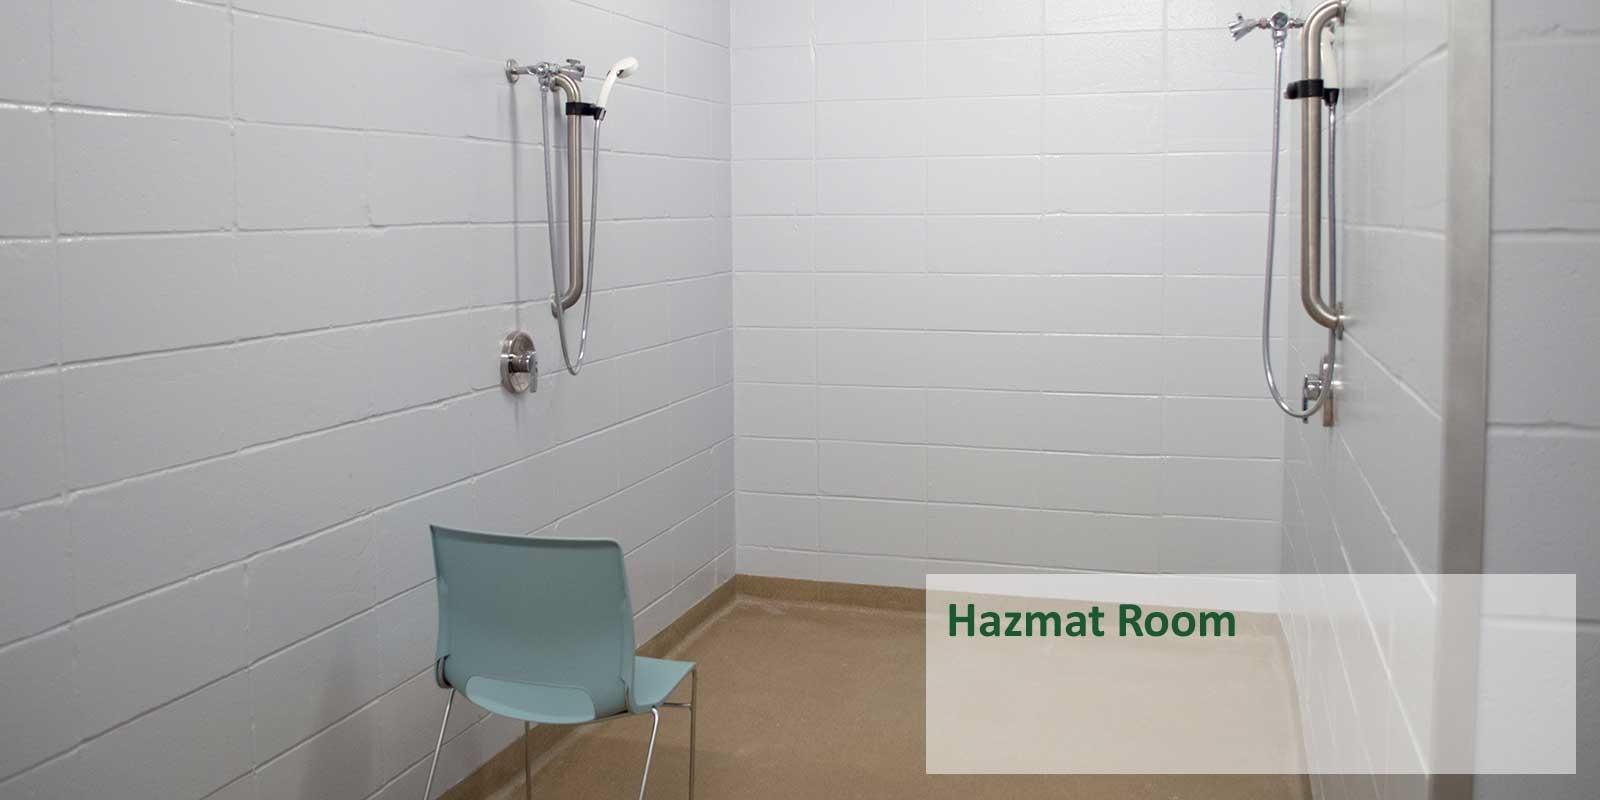 hazmat-room2